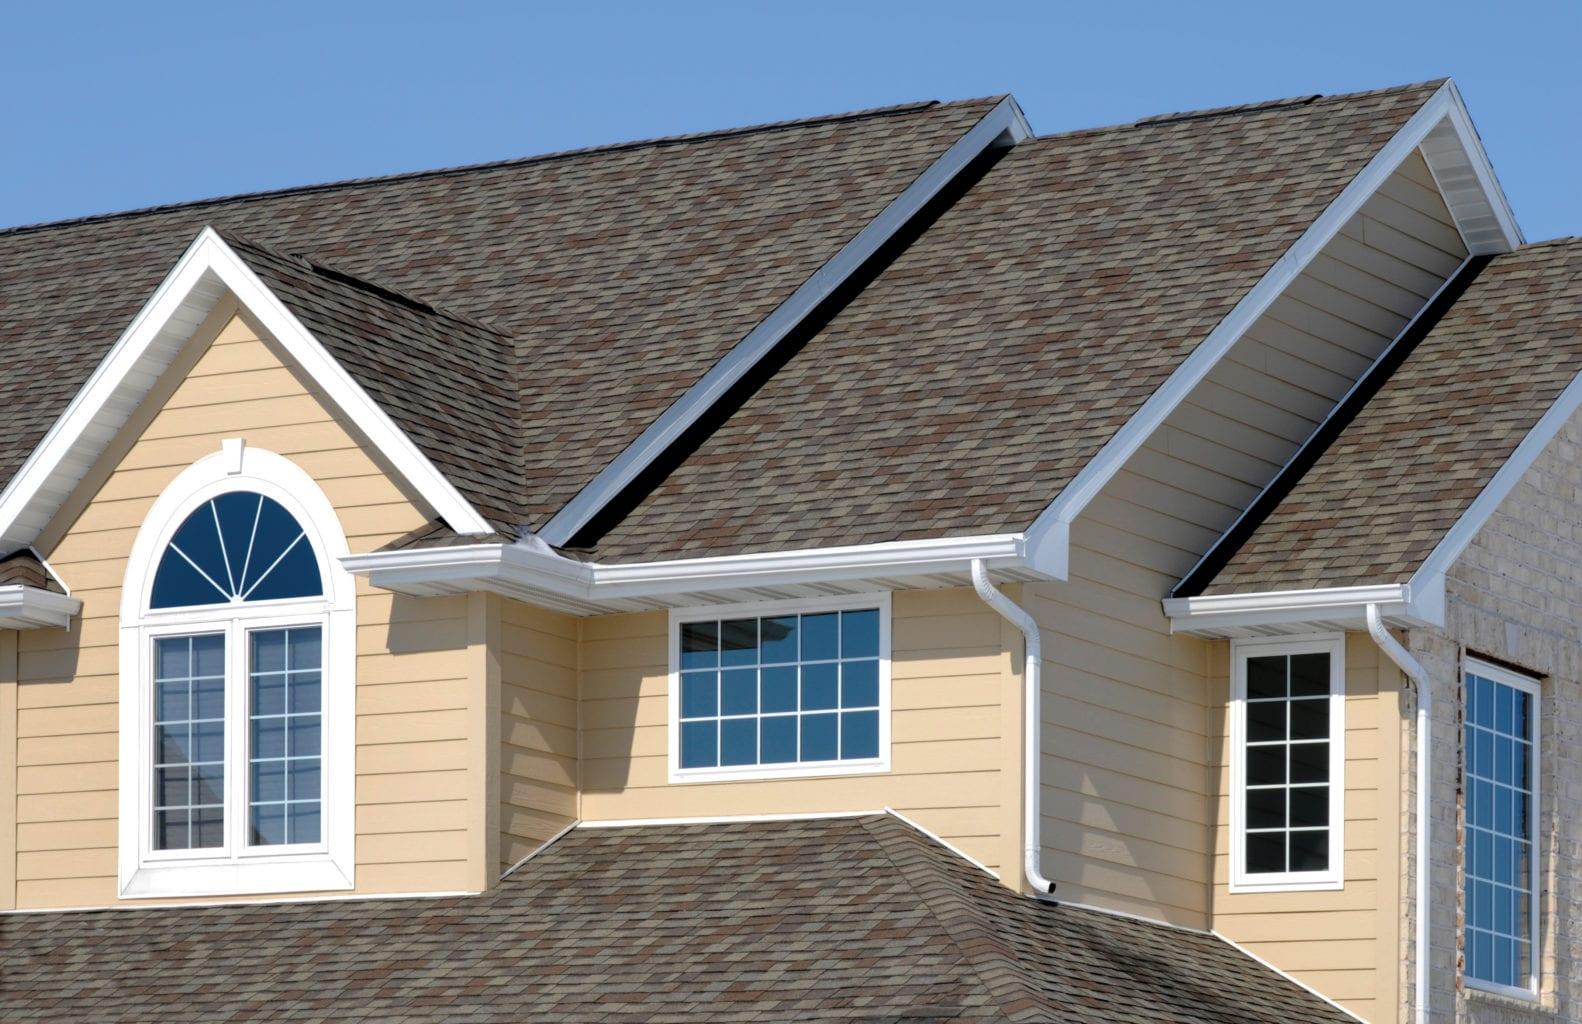 新住宅; 建筑沥青瓦屋顶,乙烯基壁板,山墙